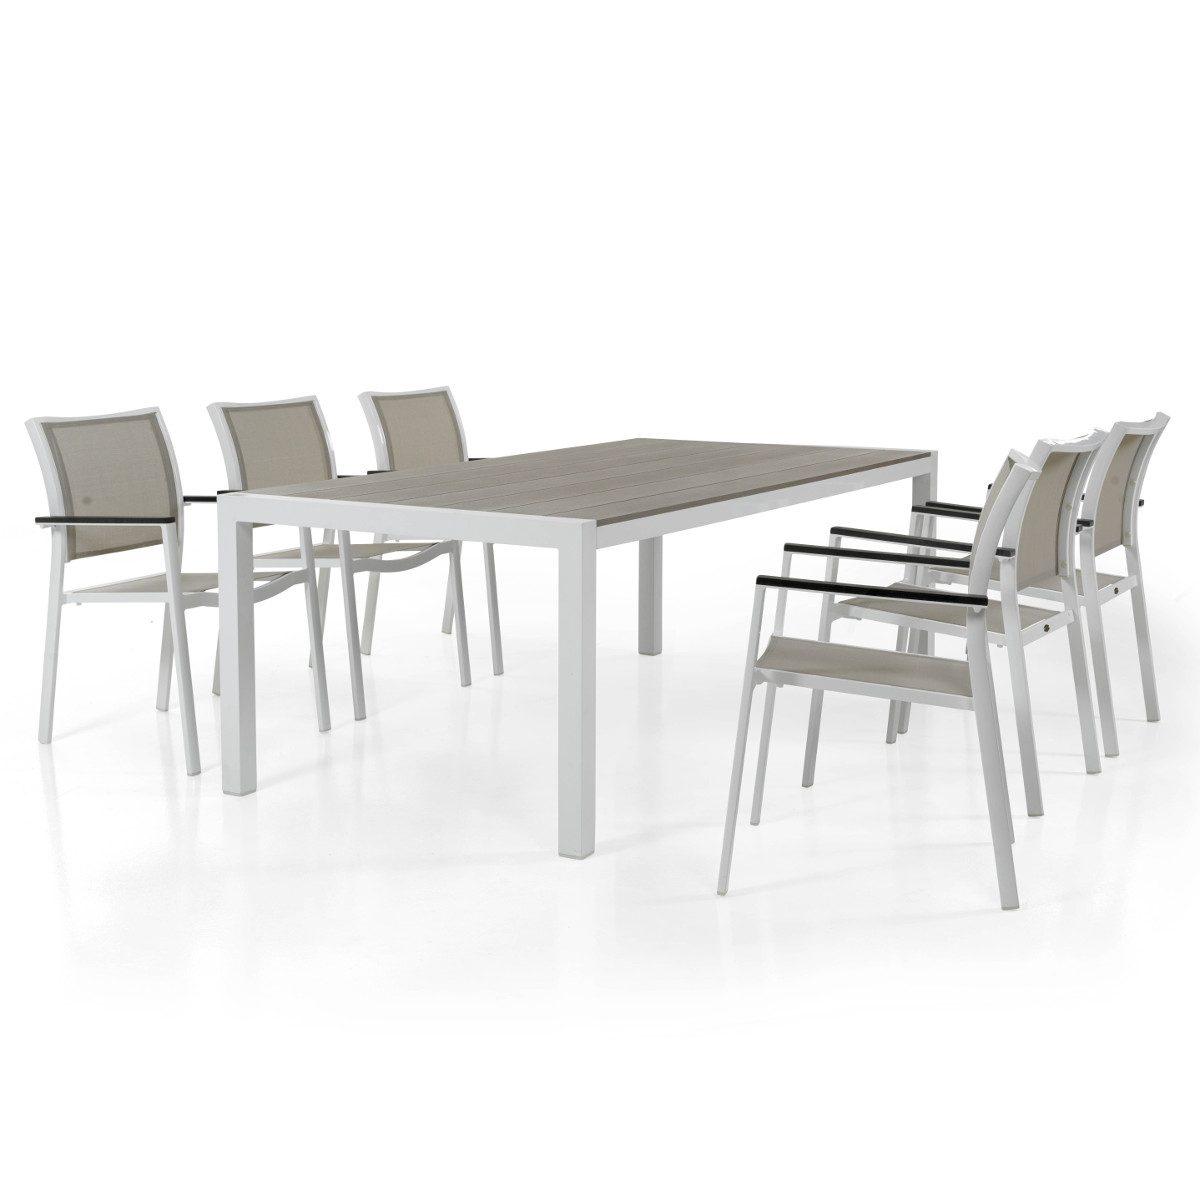 Scilla karmstol i vit aluminium och taupefärgad textileneväv tillsammans med Crescendo matbord i vitt och taupe.